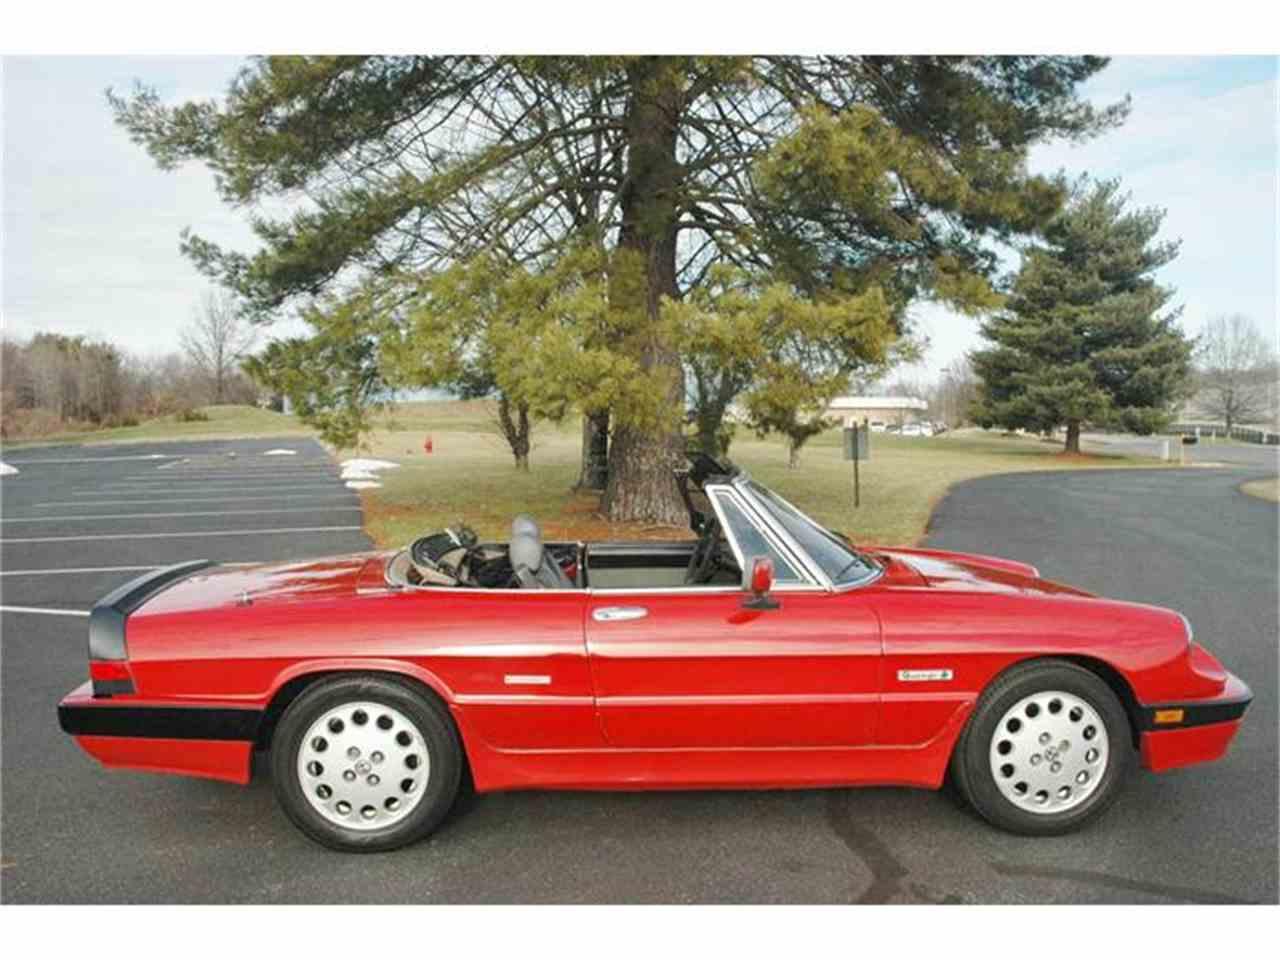 CA 1988 Alfa Romeo Spider Quadrifoglio $8000 - ClubLexus ...  |1988 Alfa Romeo Quadrifoglio